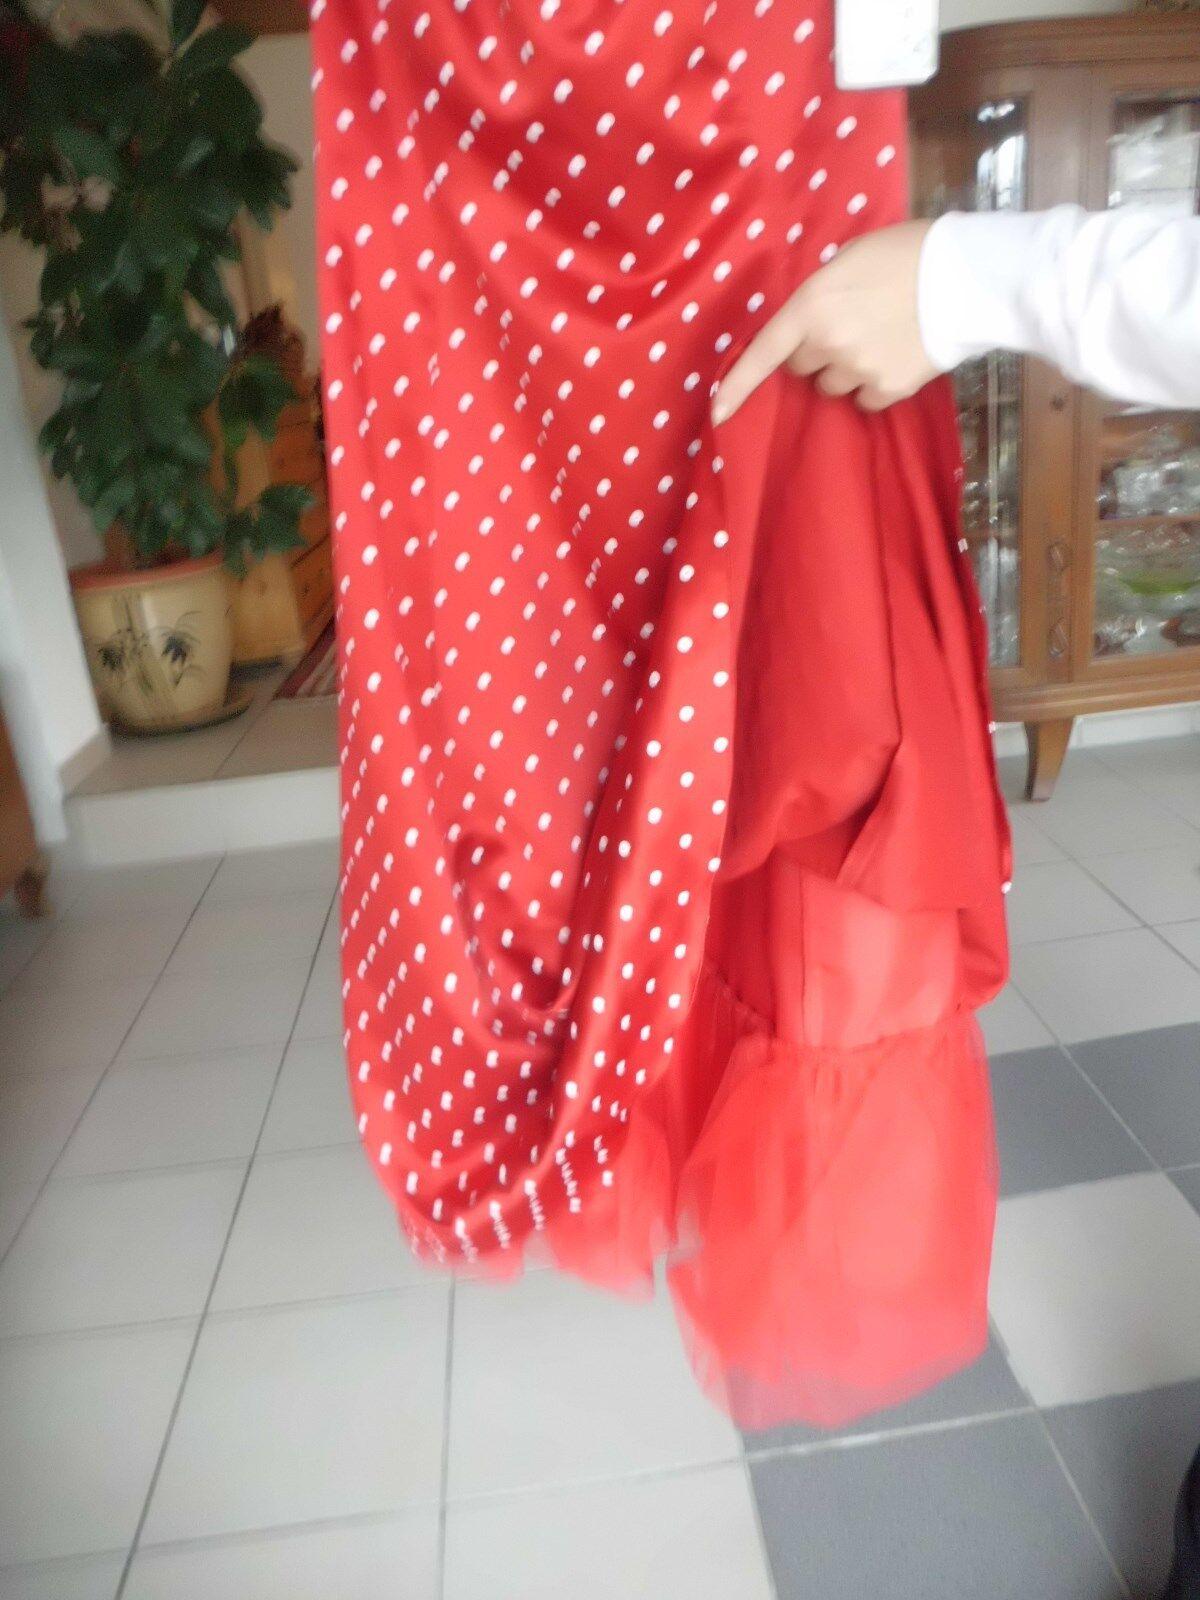 Kleid mit Pedicoat rot mit weißen weißen weißen Punkten Gr 38 NEU mit Etikett  266686